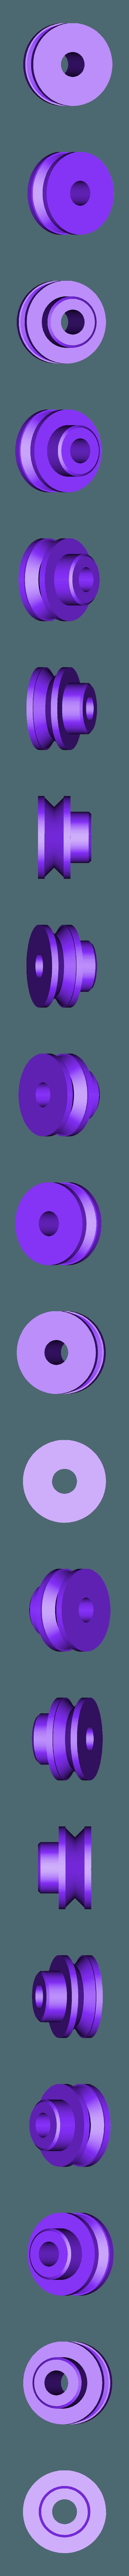 Pulley.STL Télécharger fichier STL gratuit Nettoyant pour panne à souder • Modèle à imprimer en 3D, perinski